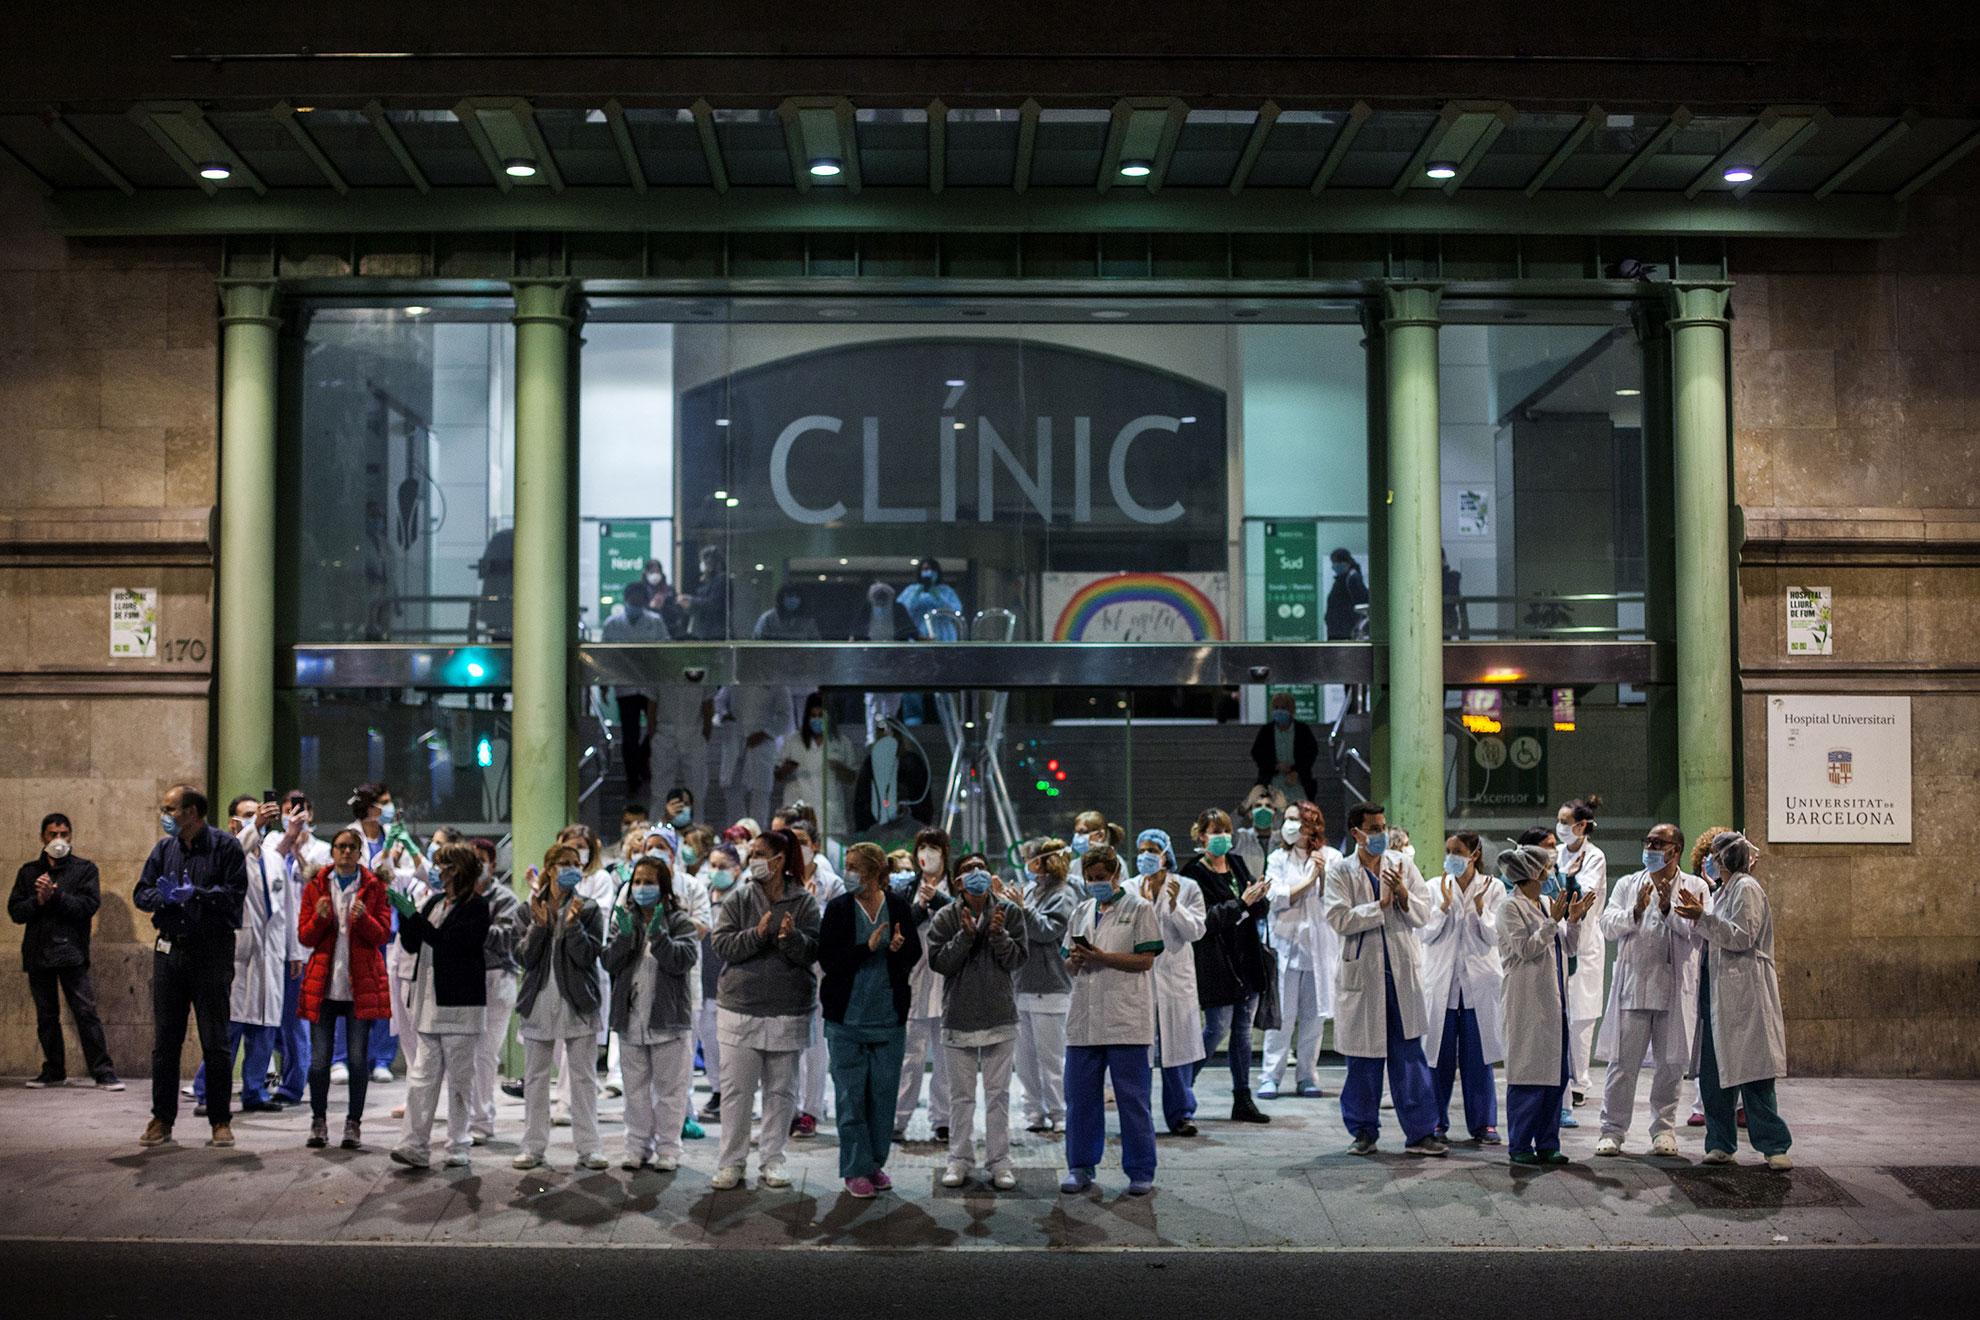 Los trabajadores y trabajadoras de salud del Hospital Clínico salen a la calle y aplauden a los ciudadanos que les muestran gratitud desde la calle y desde sus balcones y ventanas, durante el brote de la enfermedad por coronavirus, en Barcelona, España. El número de casos de COVID-19 en España ha aumentado en casi 8,000 en las últimas 24 horas, llegando a 47,610, y el número de muertes aumentó en más de 700 a 3,434 y ahora es más alto que en China, según el Ministerio de Salud nacional.